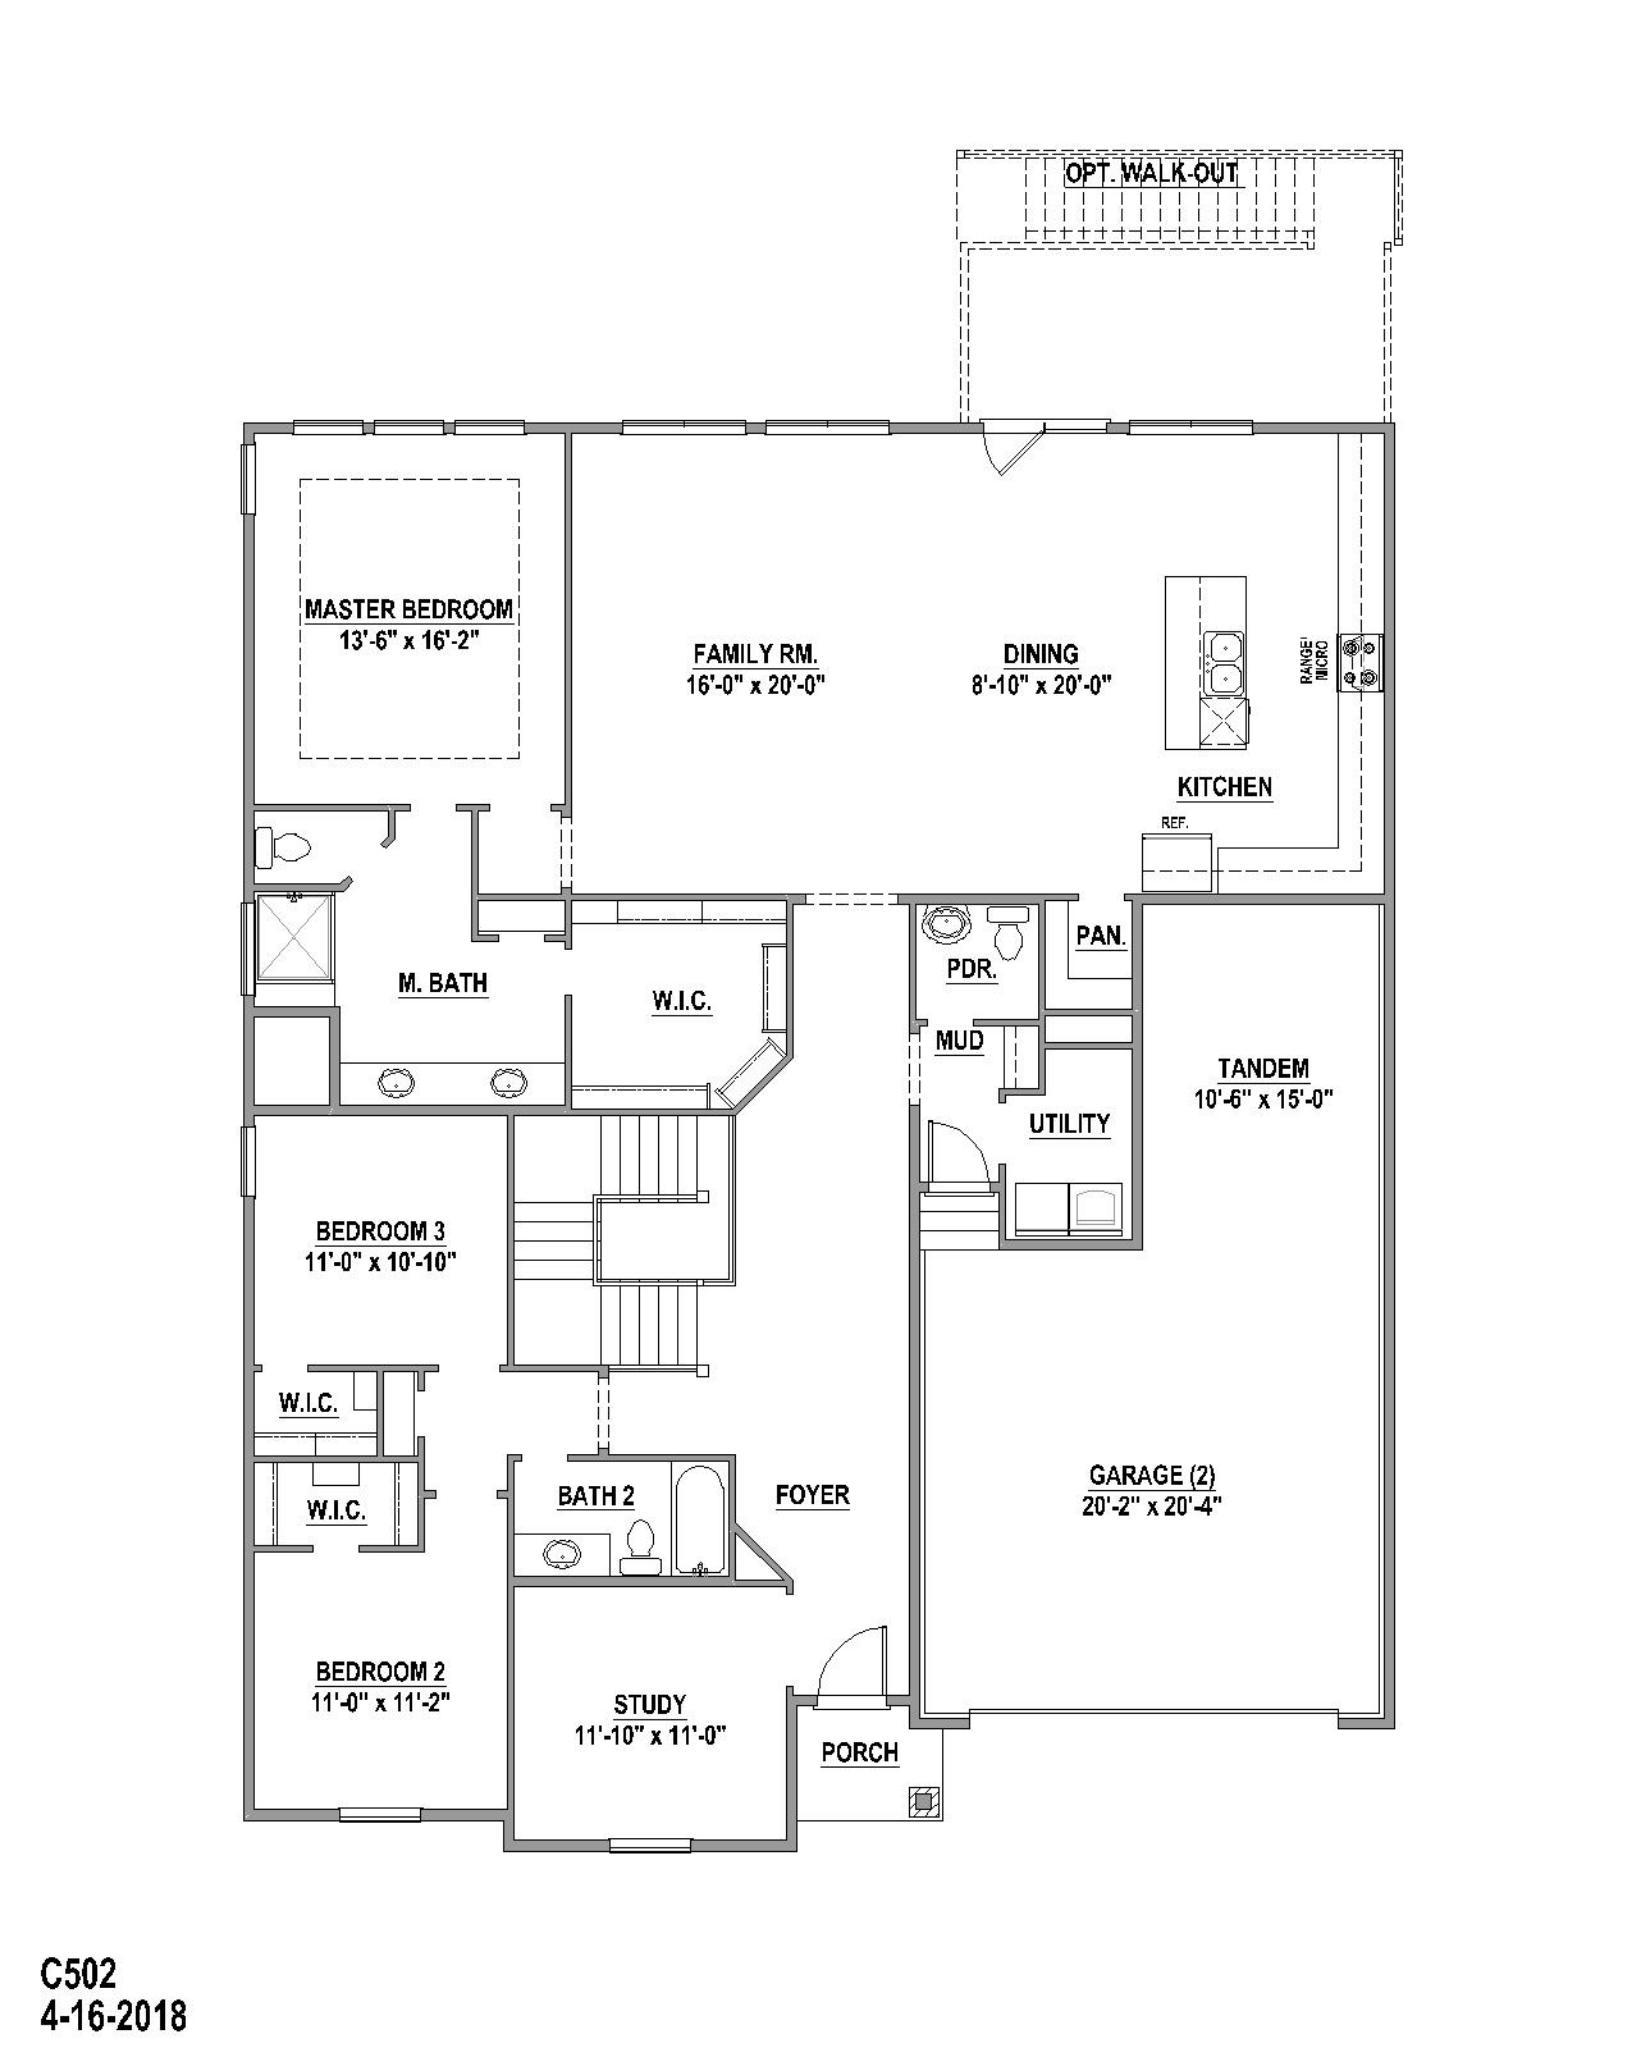 Plan C502 Floor Plan